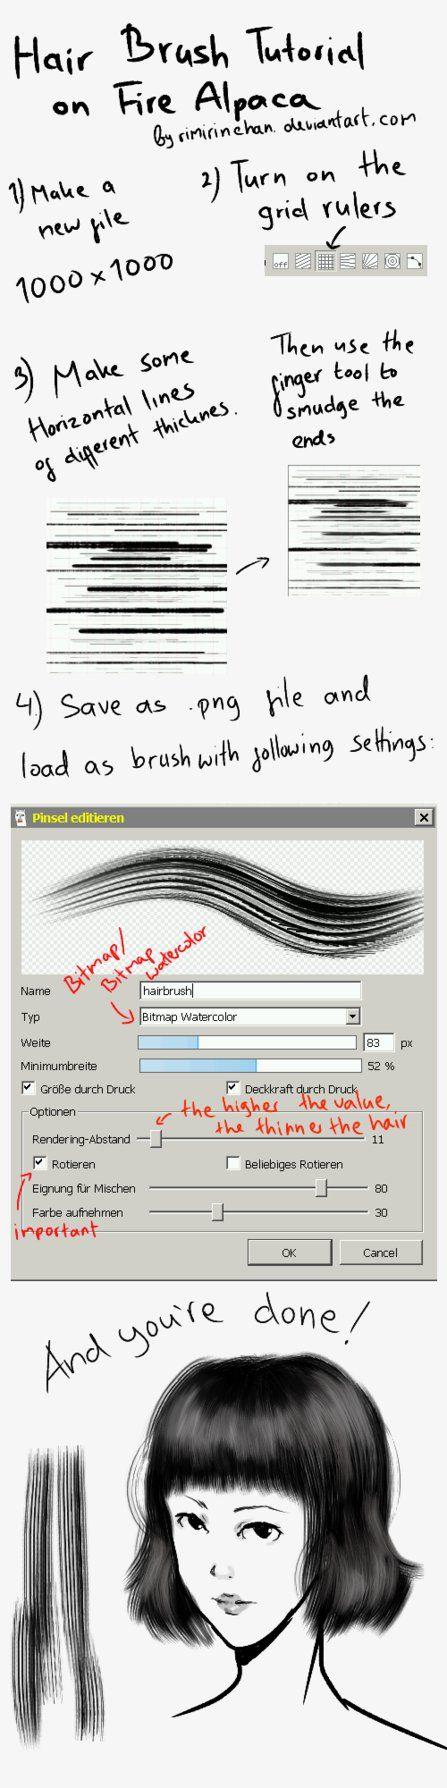 Hair Brush/ Flat Brush Tutorial on FireAlpaca by rimirinchan.deviantart.com on @DeviantArt